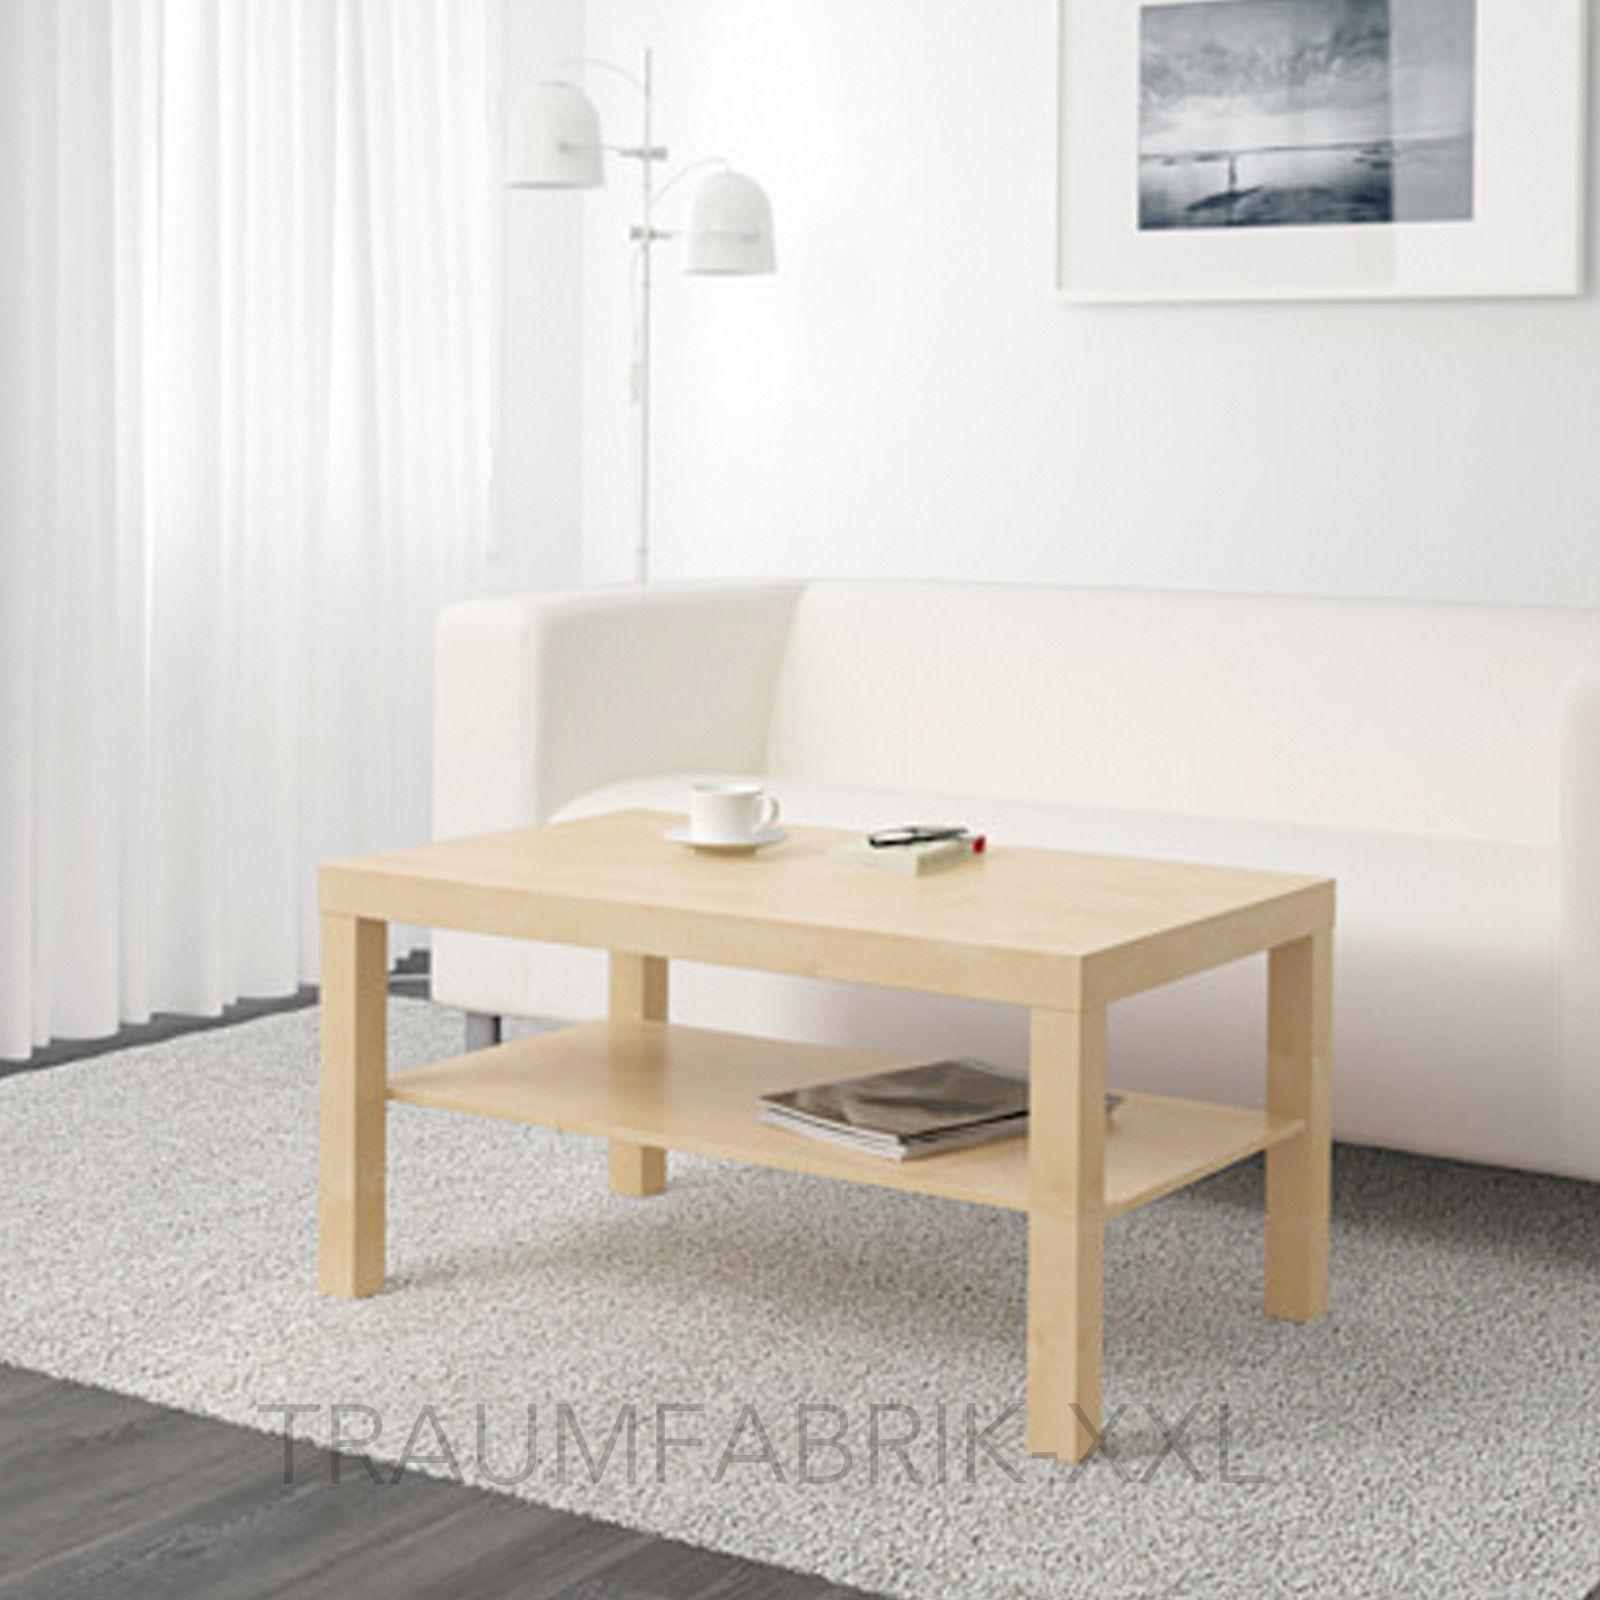 Ikea Lack Beistelltisch 90×55 cm Birke Sofatisch Couchtisch ...